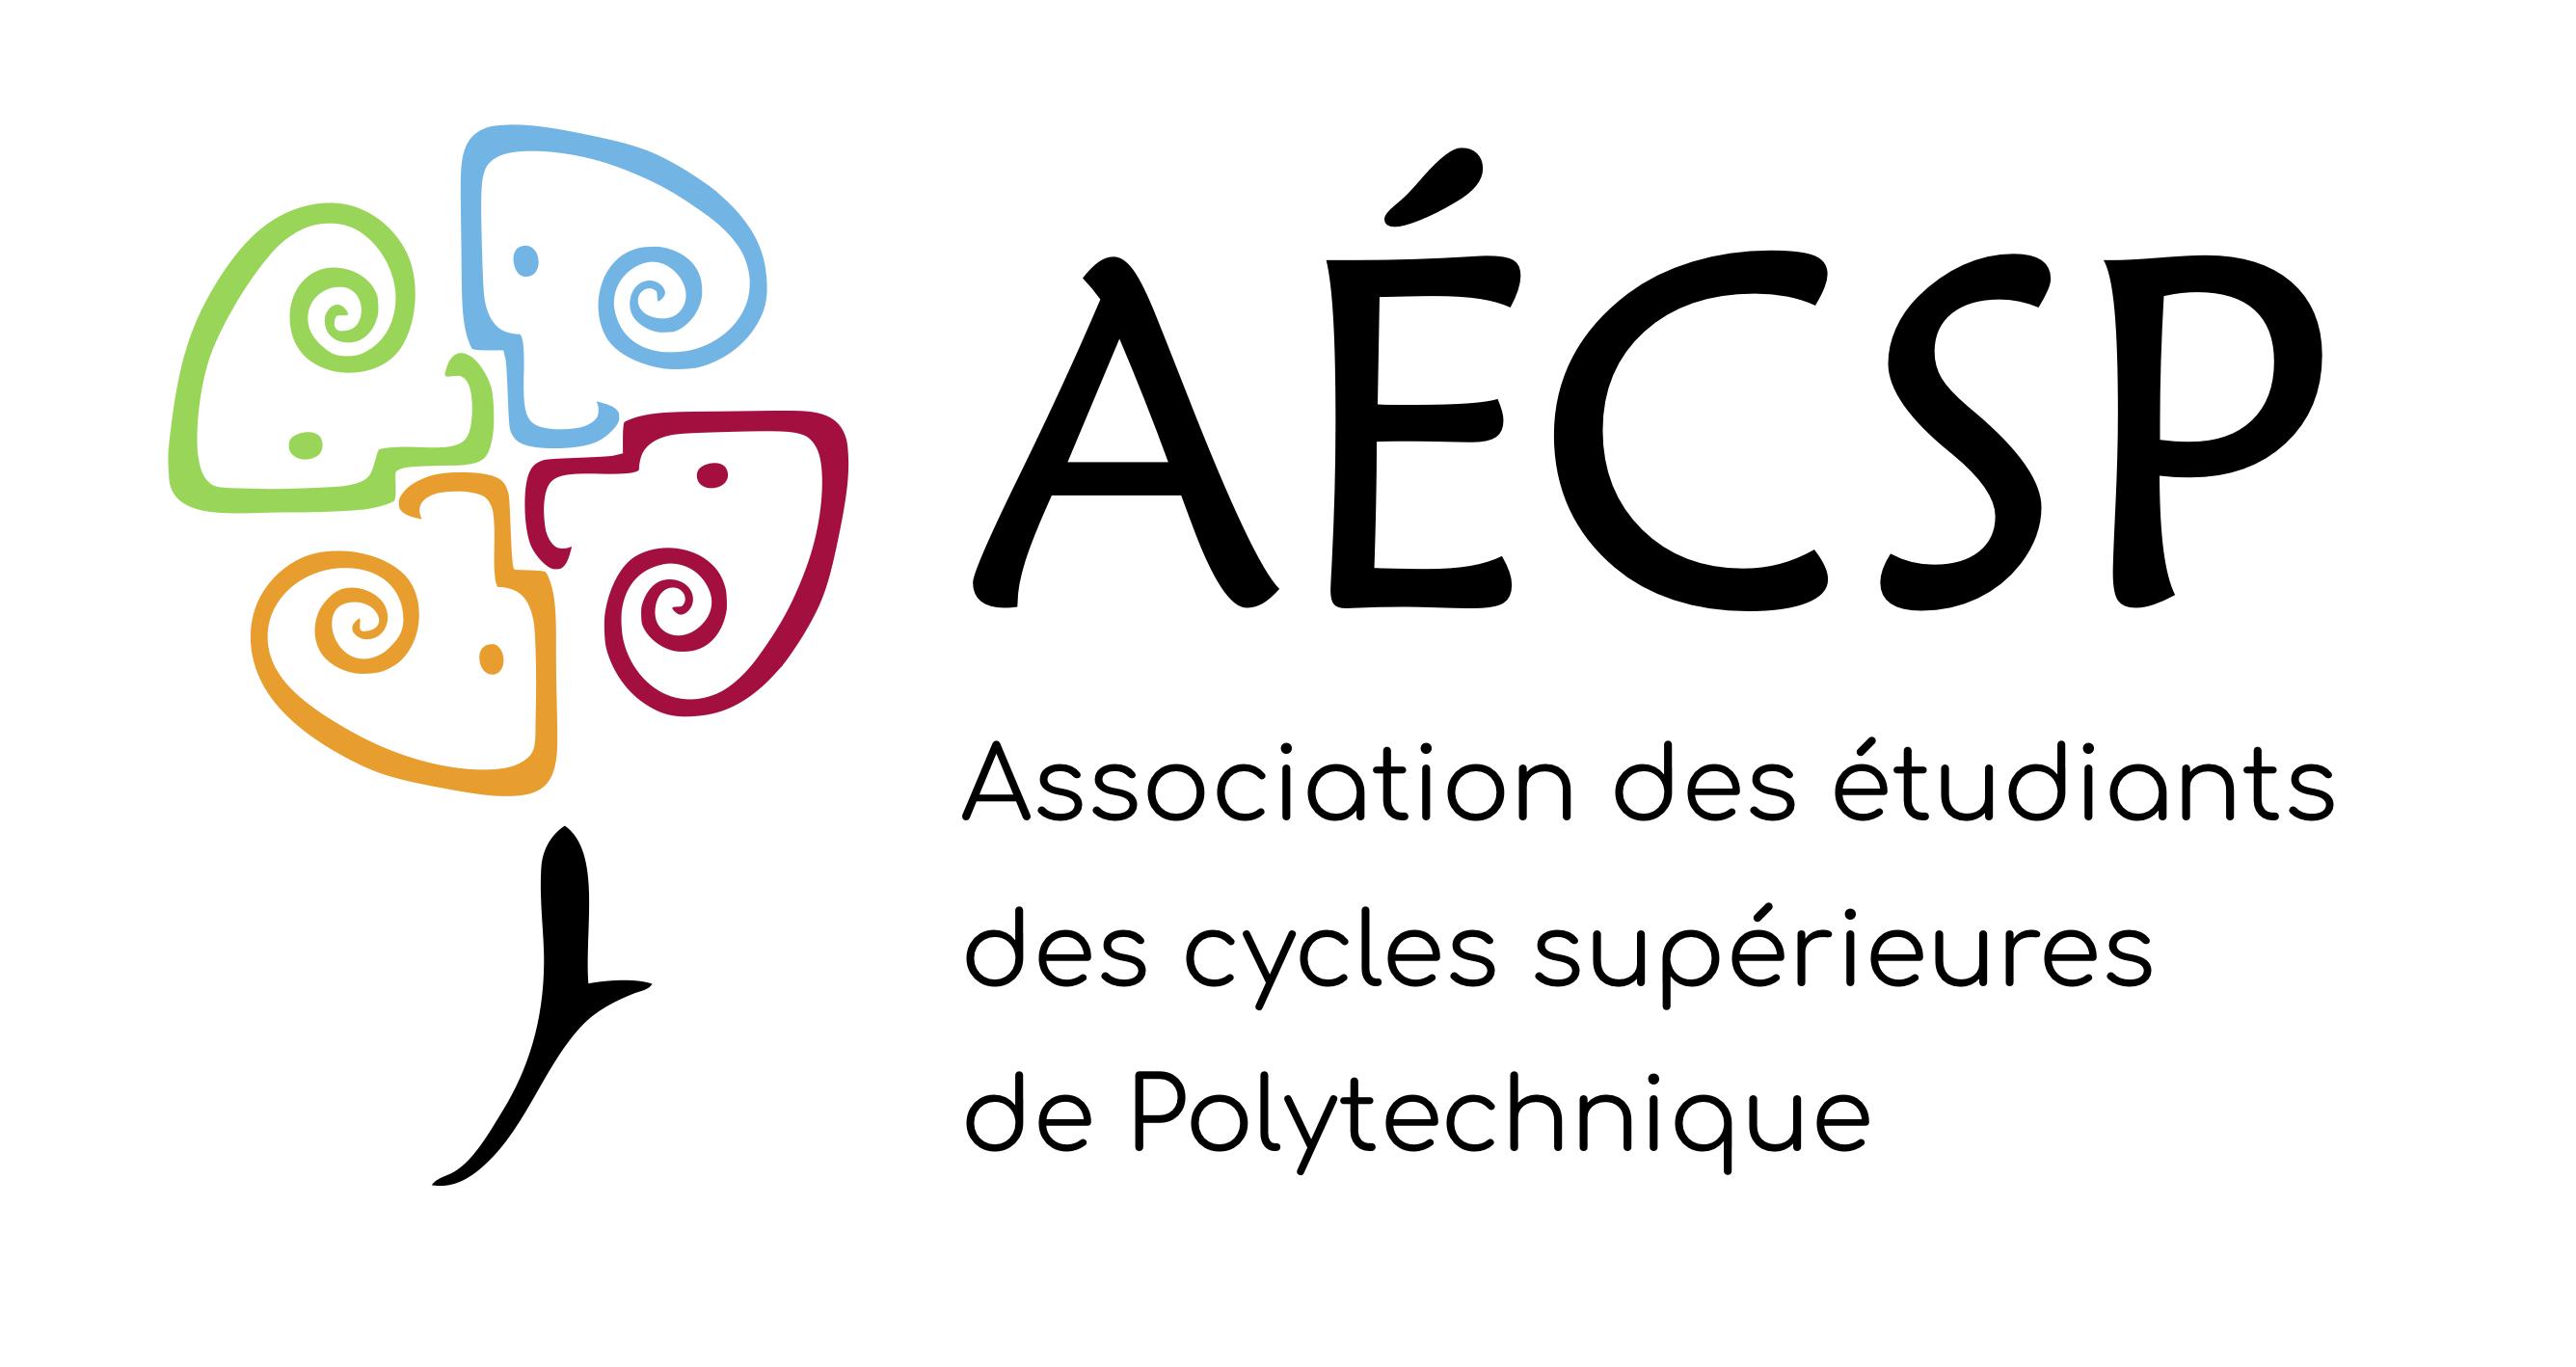 Progress - AECSP